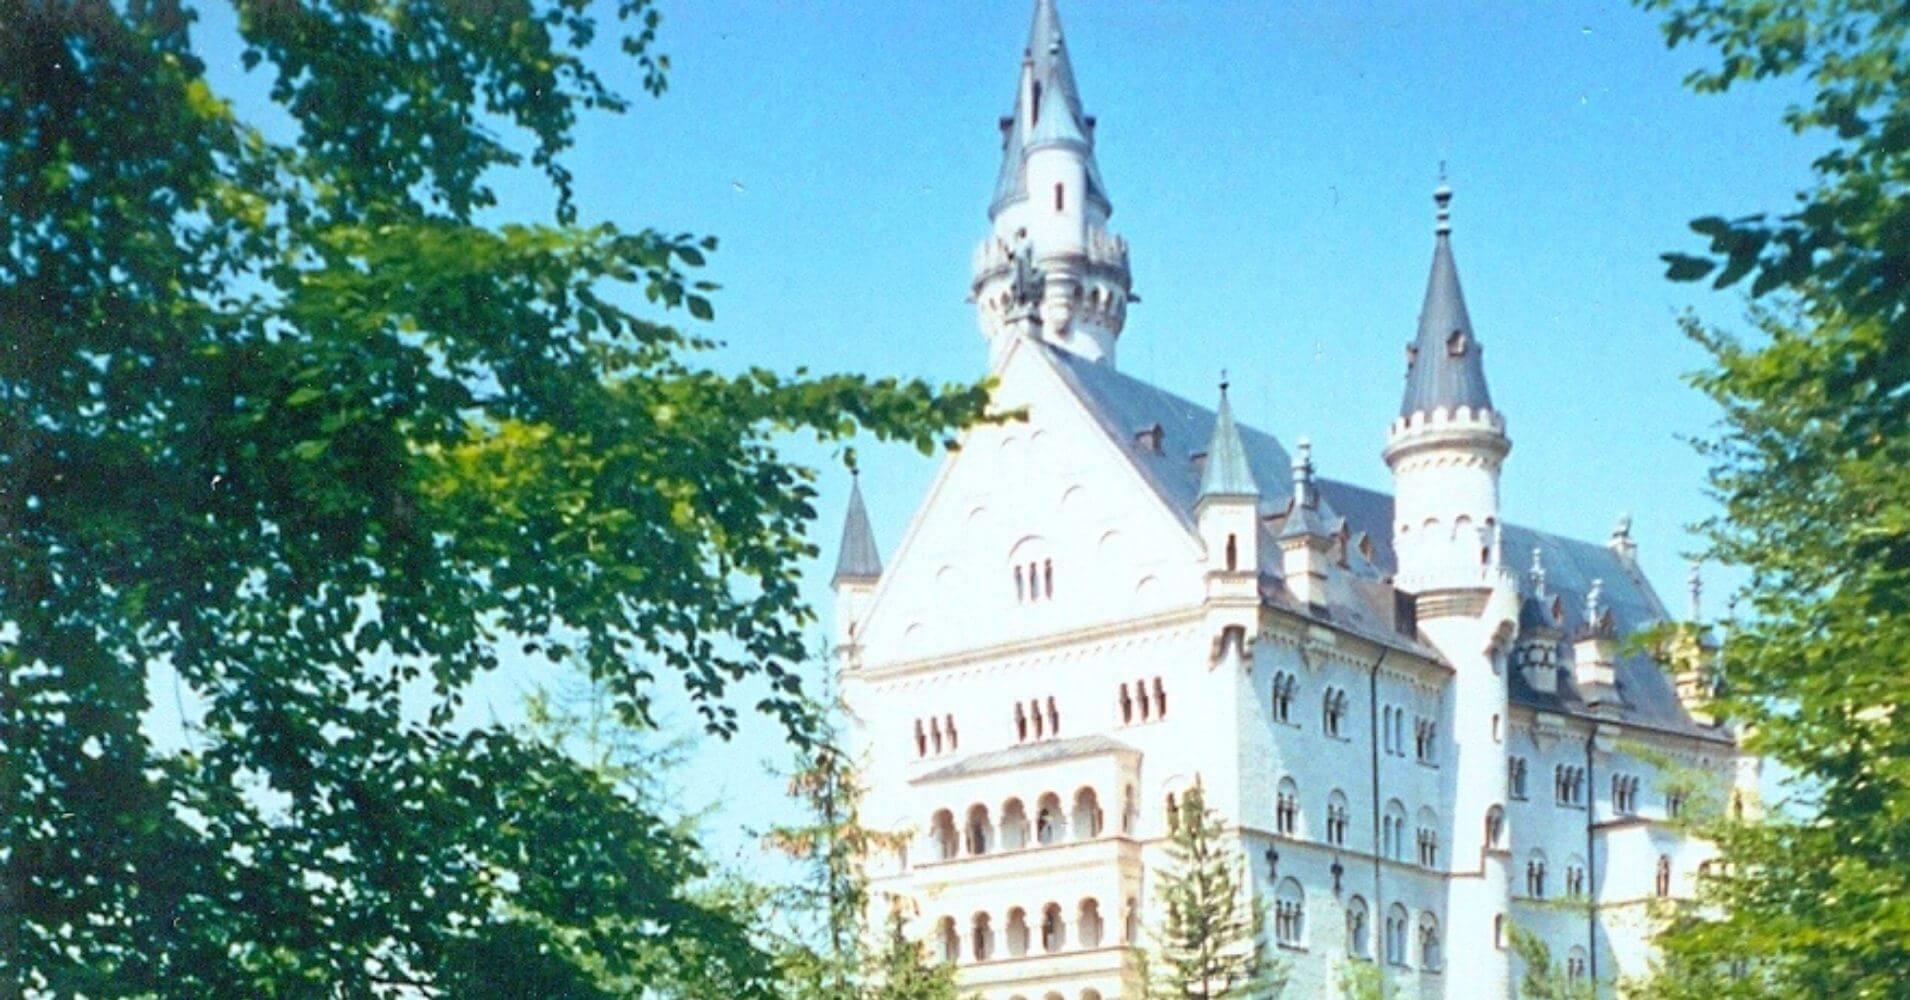 Detalles del Castillo de Neuschwanstein. Baviera, Alemania.